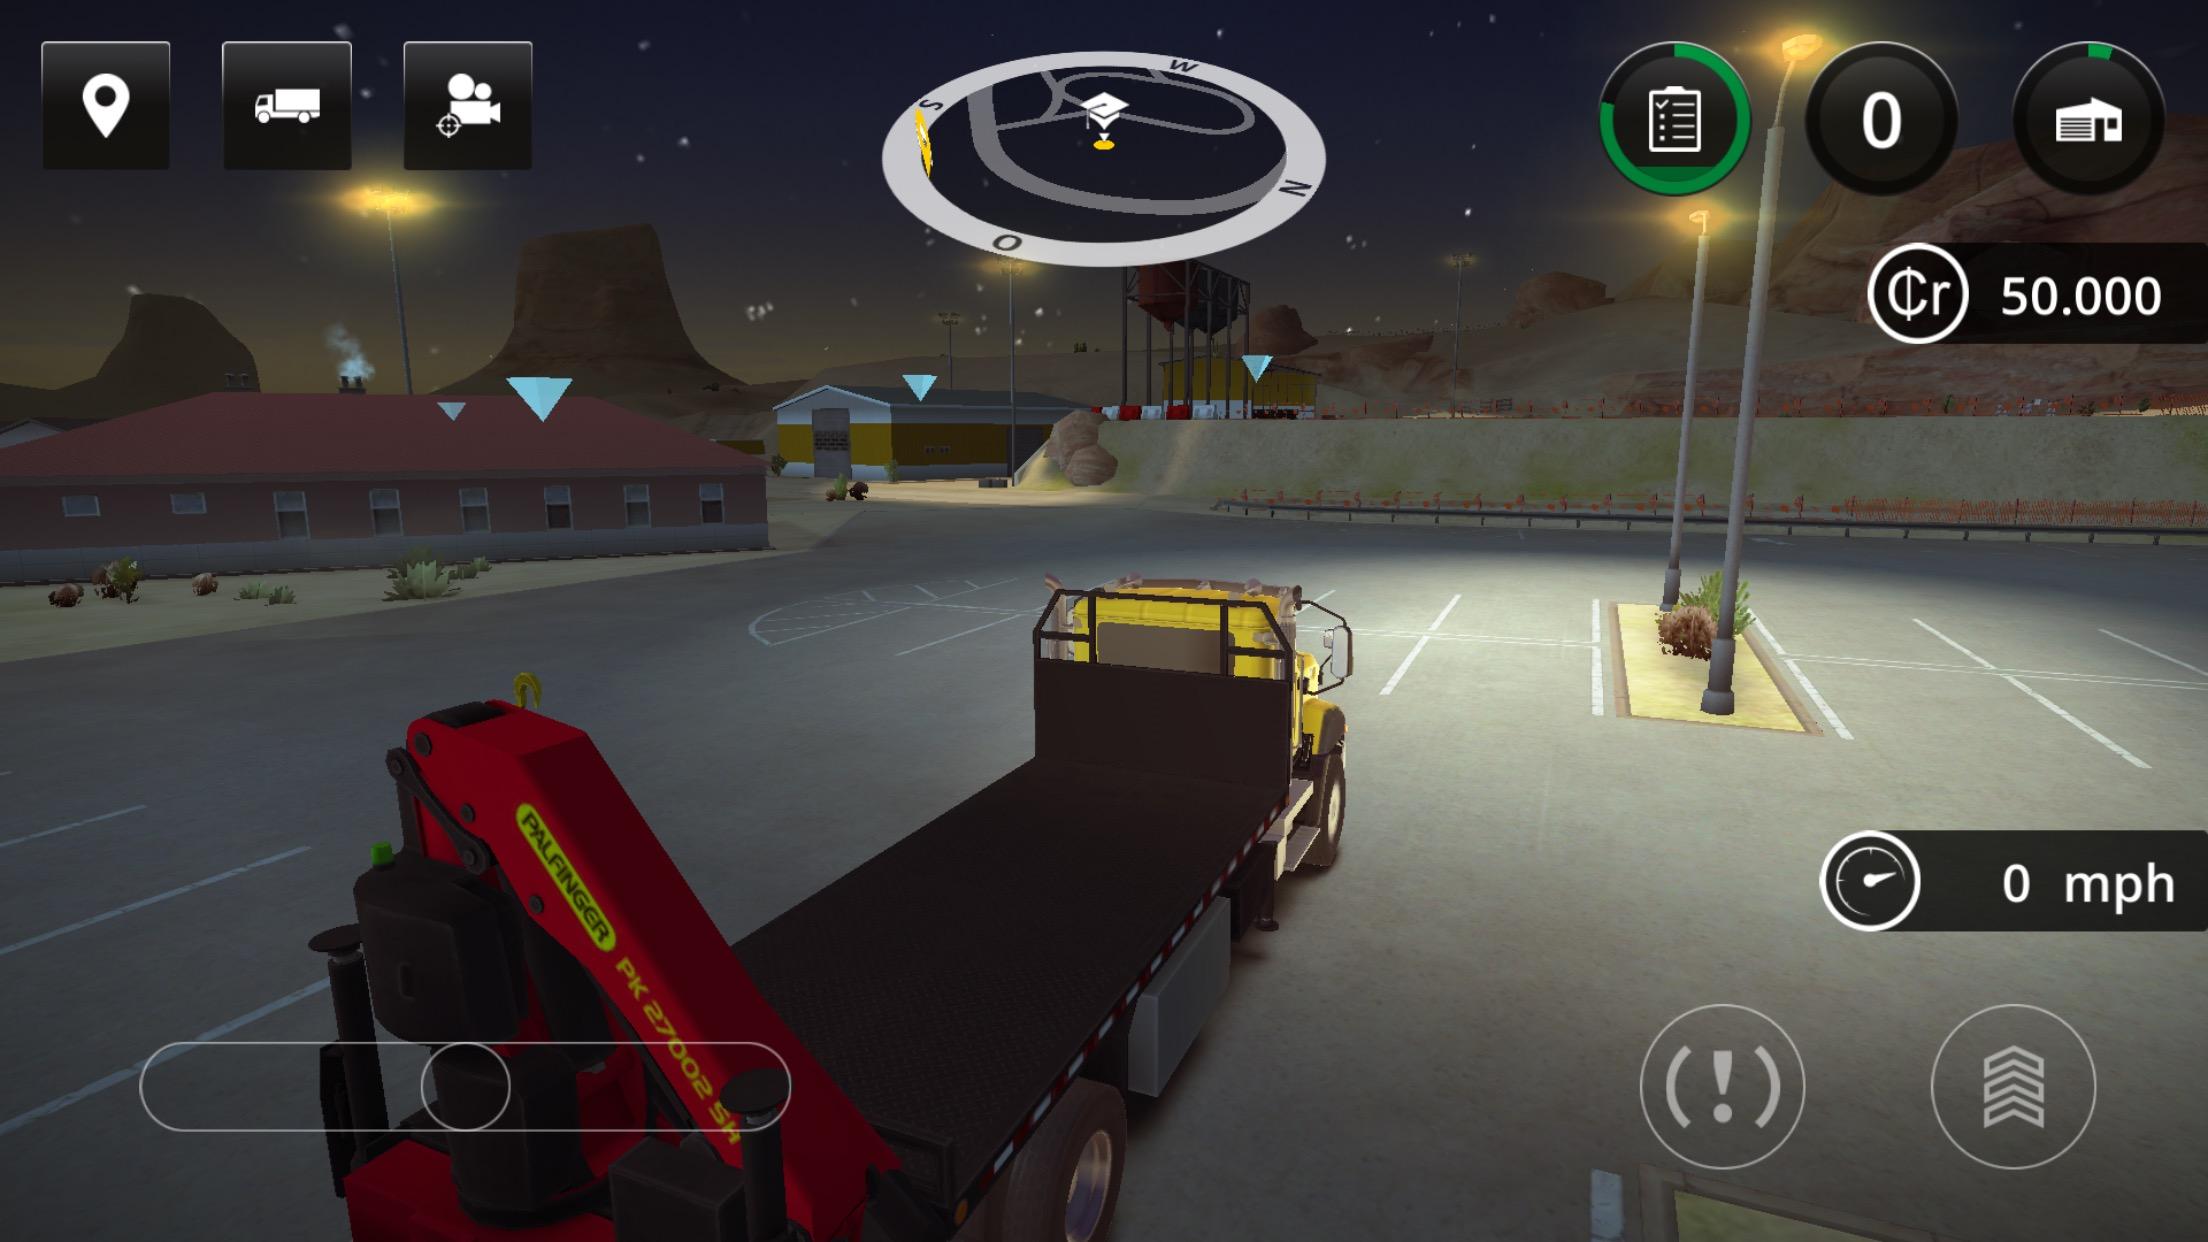 Test de Construction Simulator 2 iOS : un nouvel opus sans